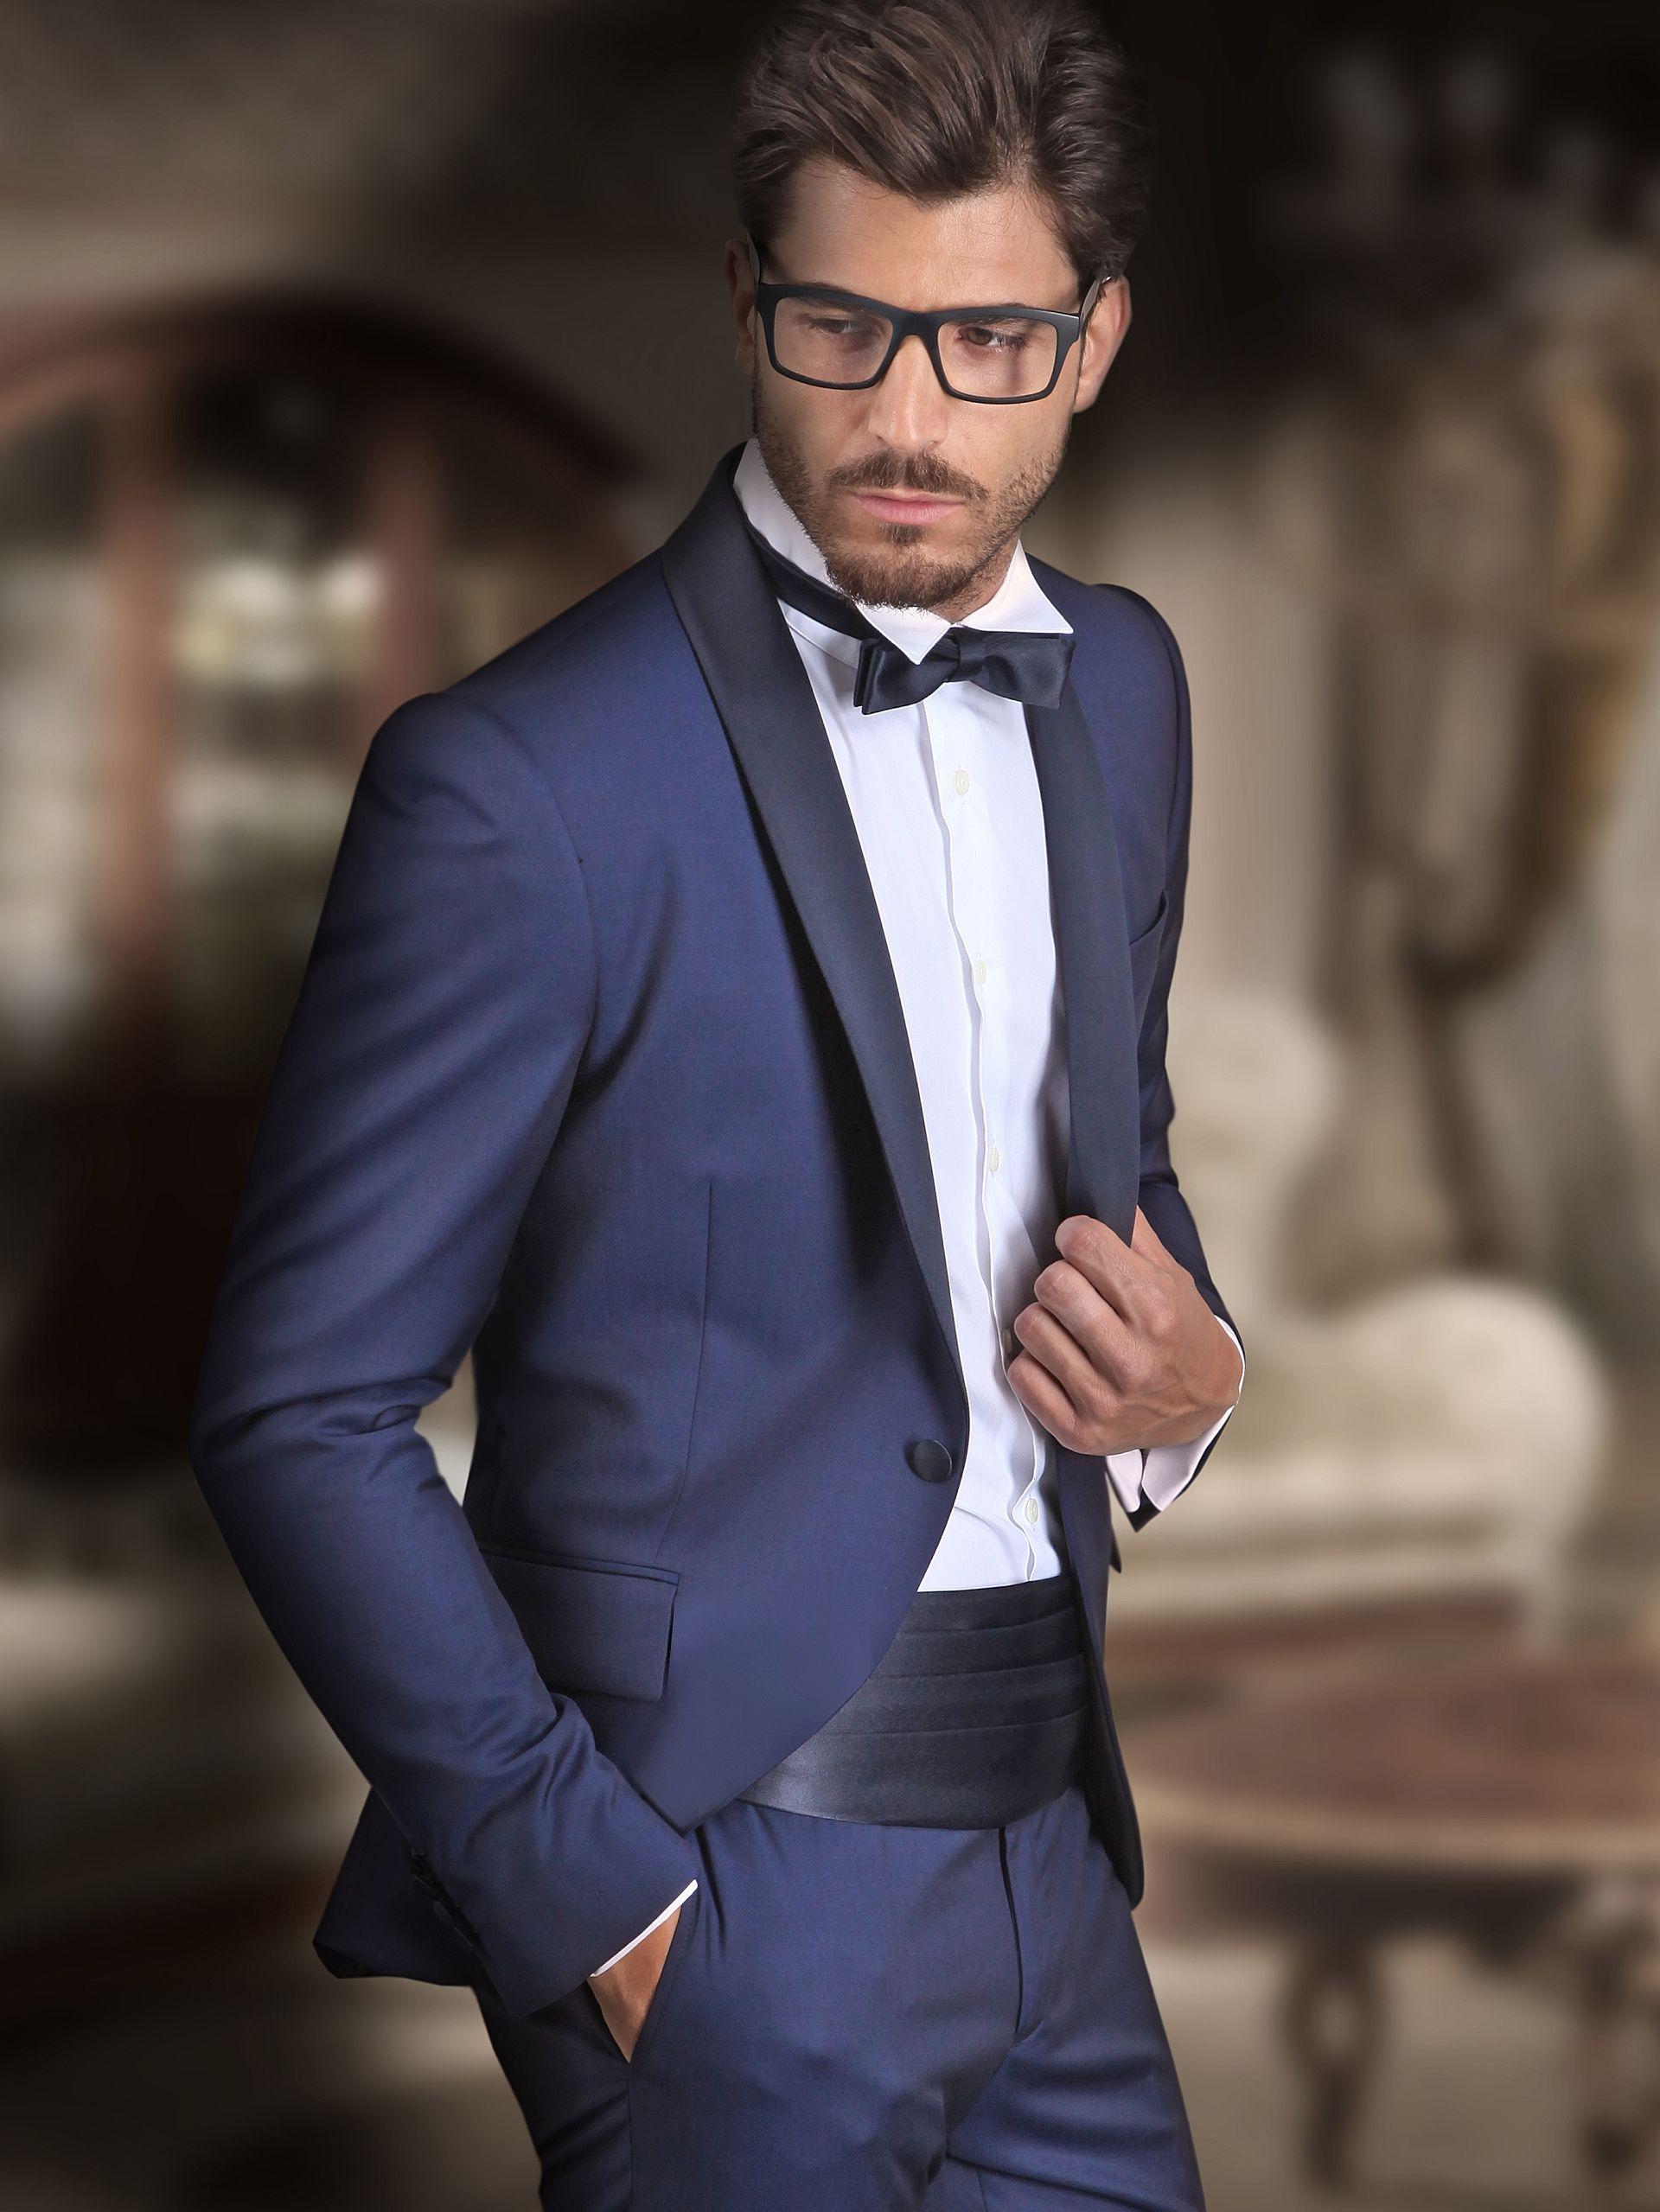 Vestito Matrimonio Uomo Nero : Abiti da sposo uomo prezzi smok pinterest